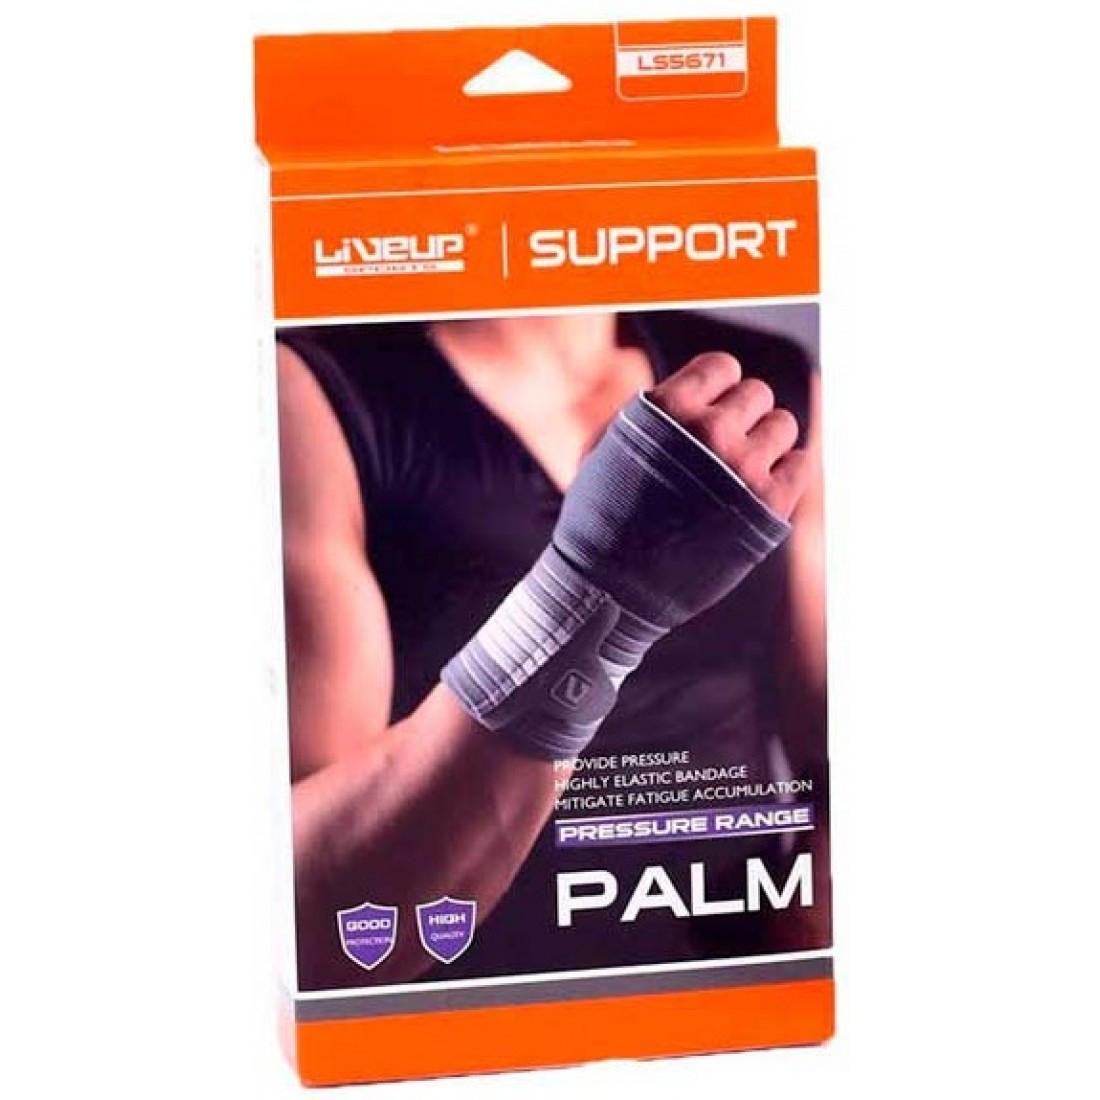 Защита ладони LiveUp Palm SUPPORT